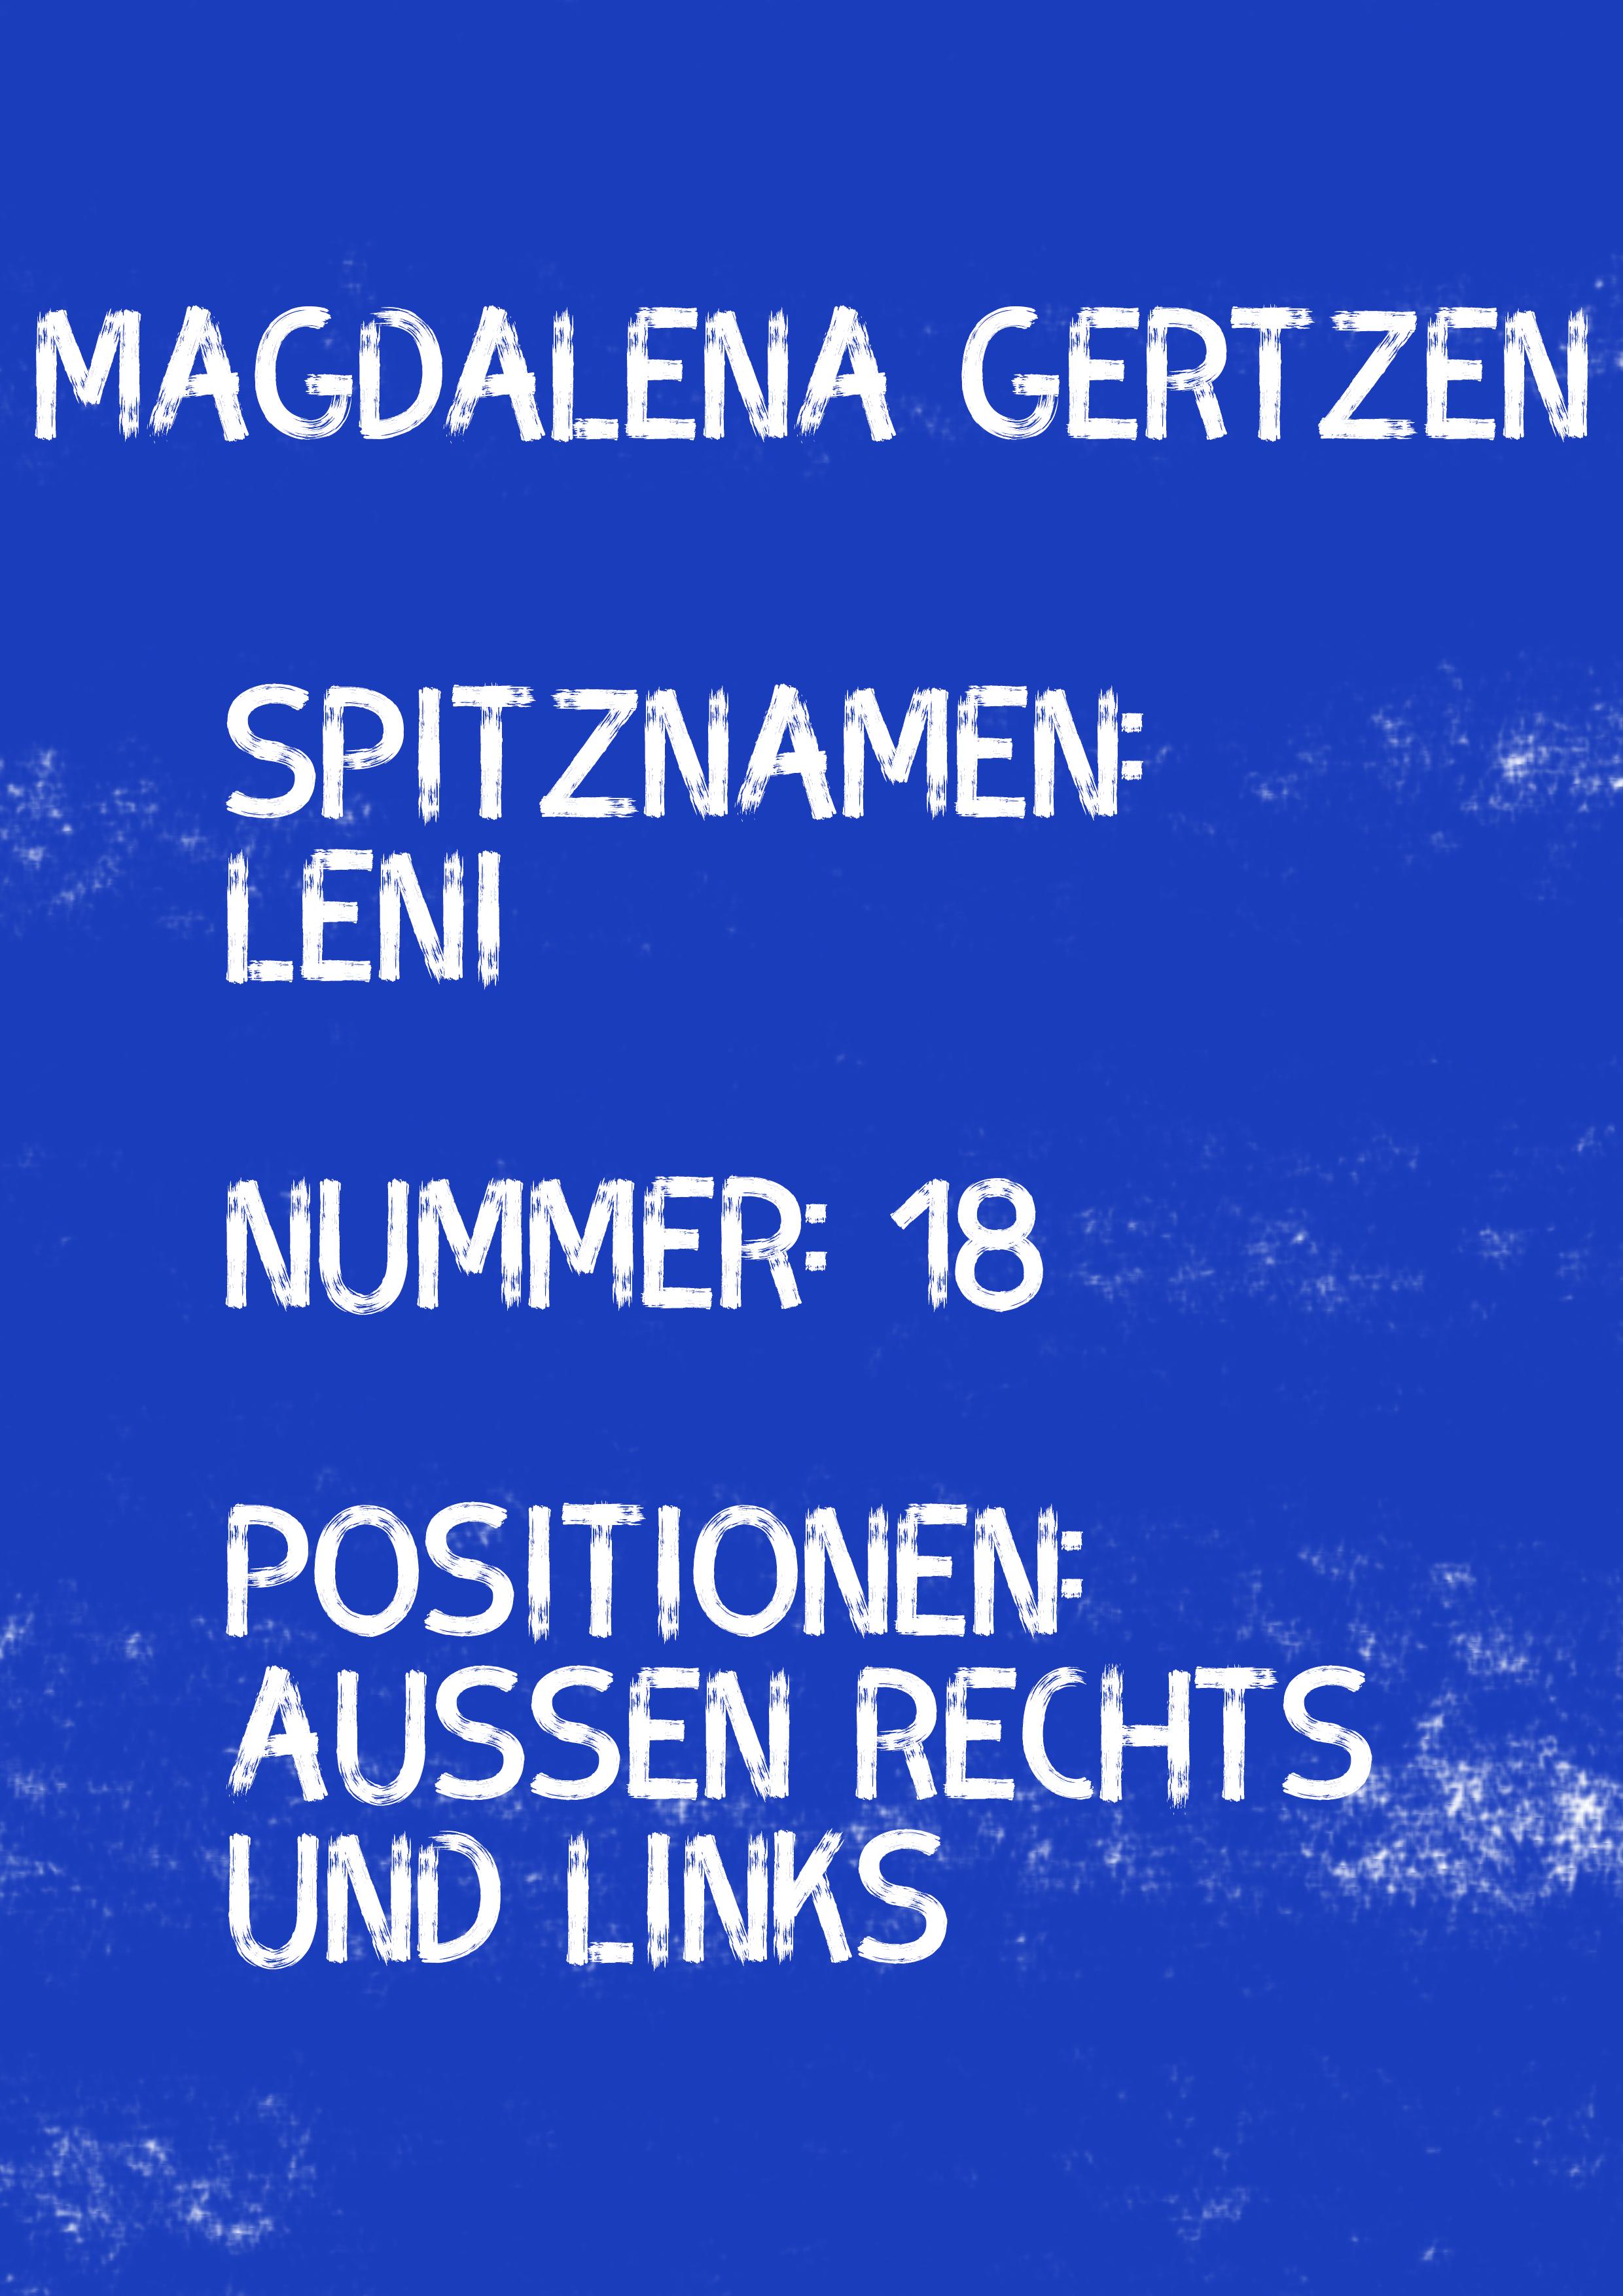 LeniGertzenDaten